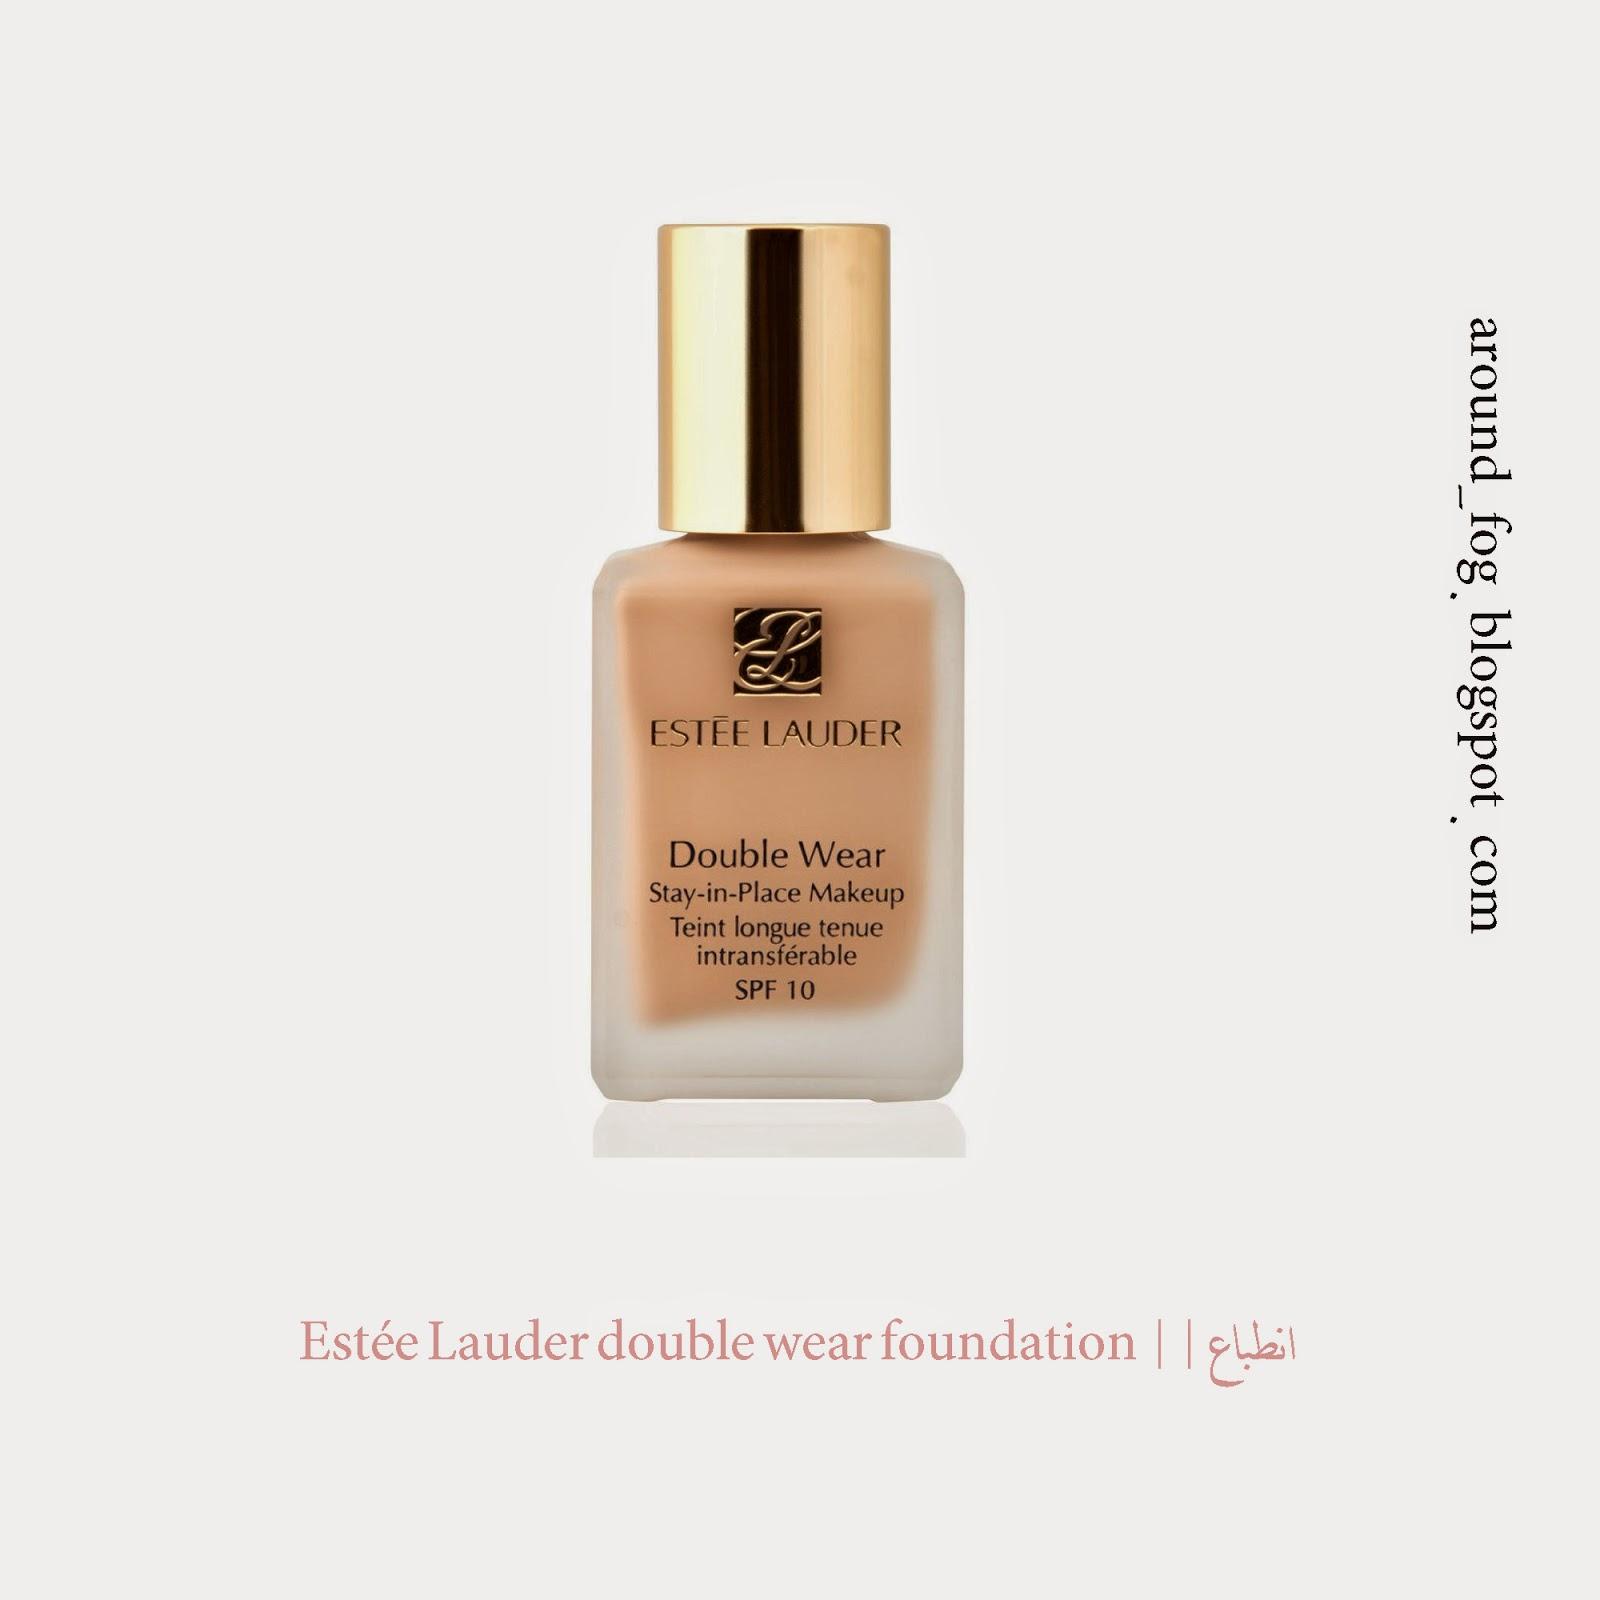 d6f420006 انطباع || اساسي المفضل : استي دبل وير Estée Lauder double wear foundation